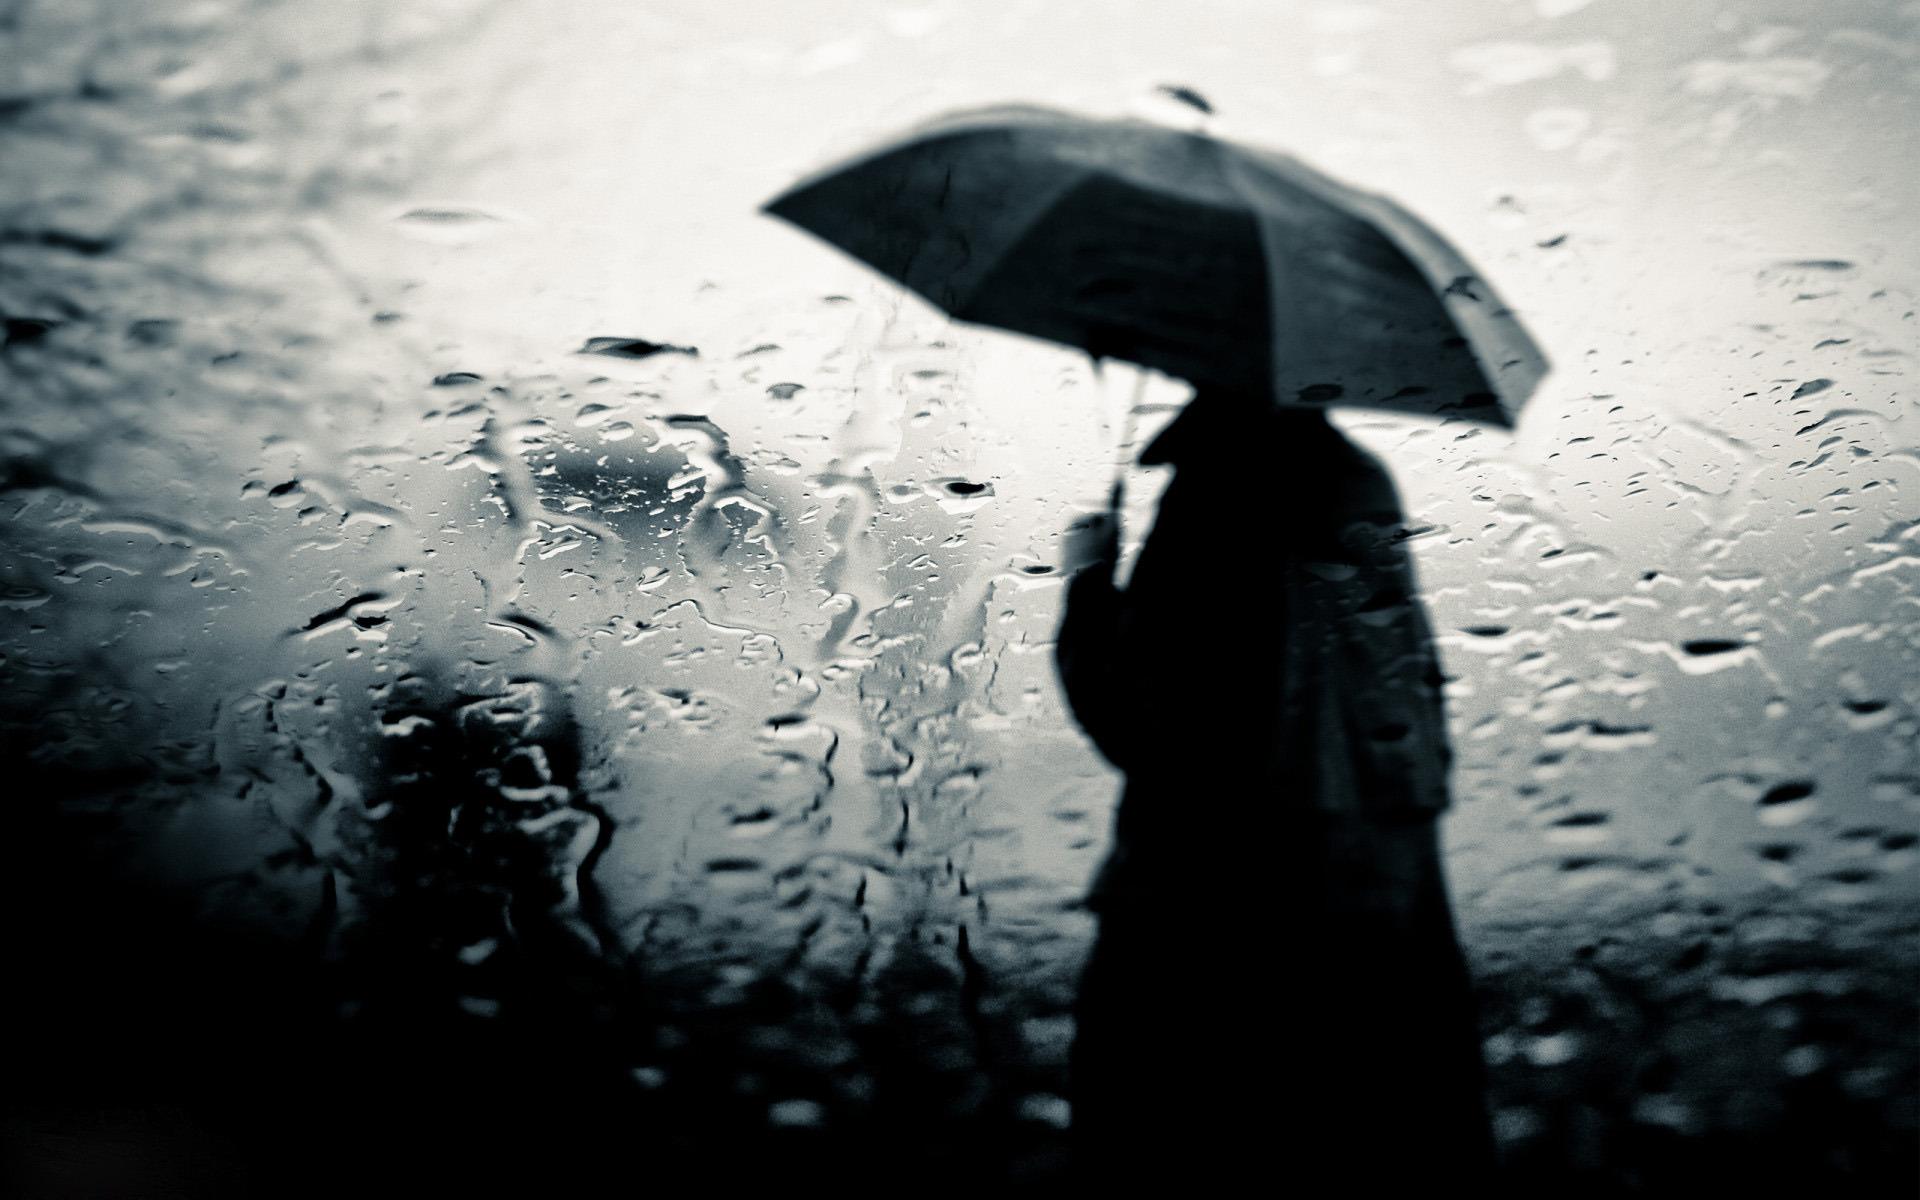 автоформатирование картинка дождя грусная работы